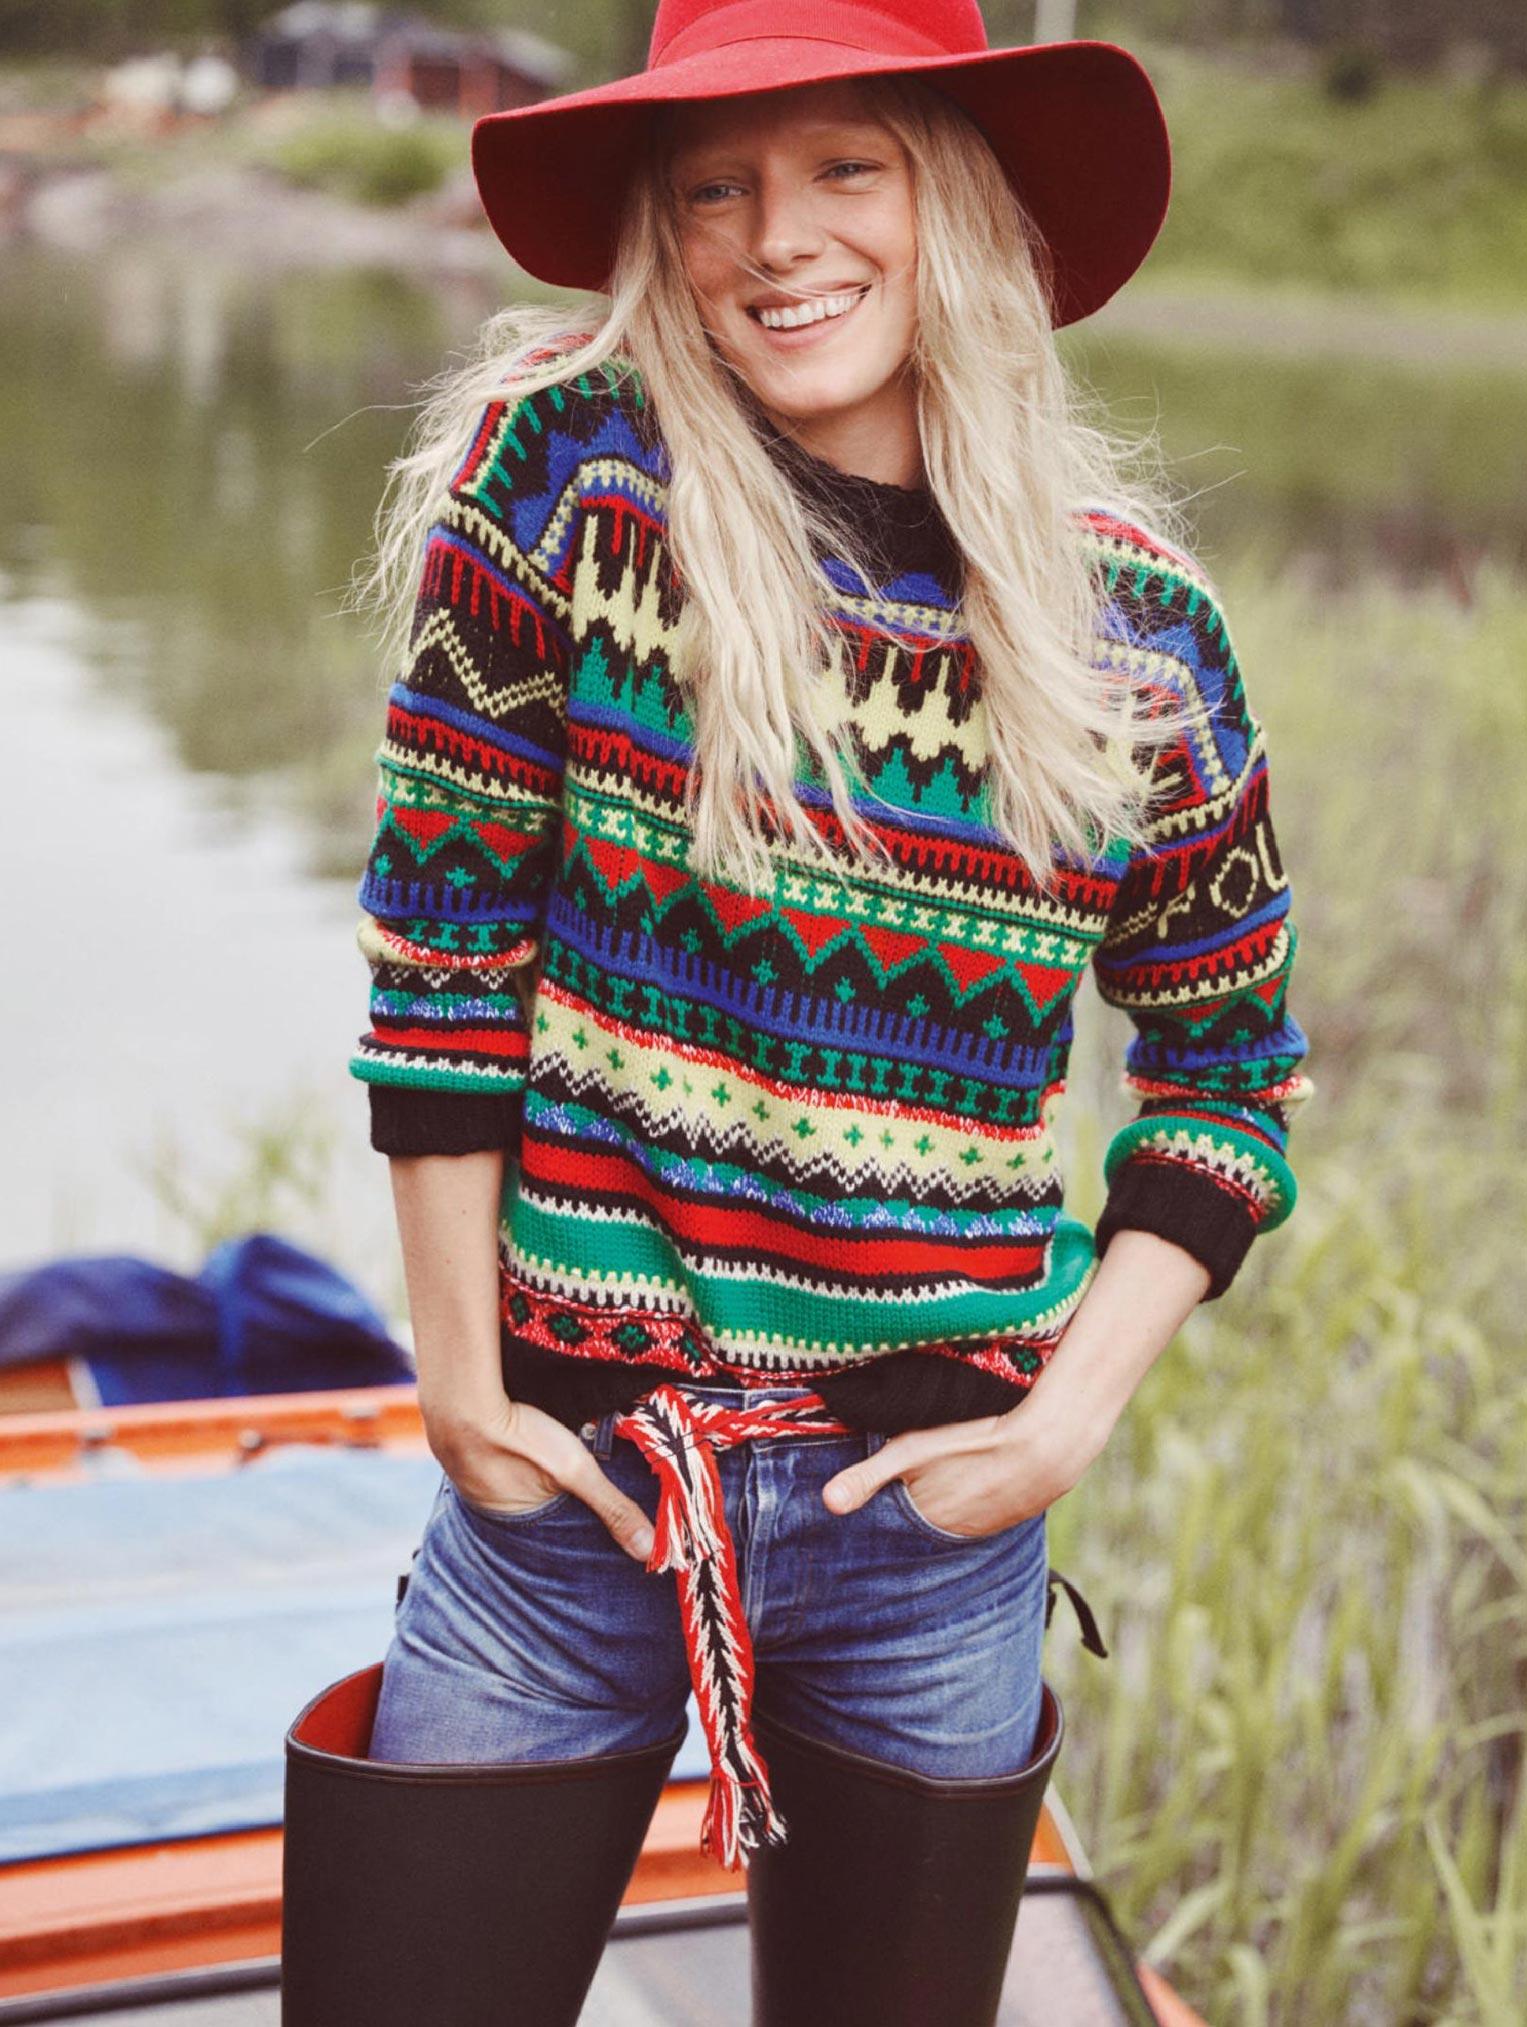 Бразильская модель в гостях у шведской - Эрика Линдер и Ракель Циммерман / фото 10